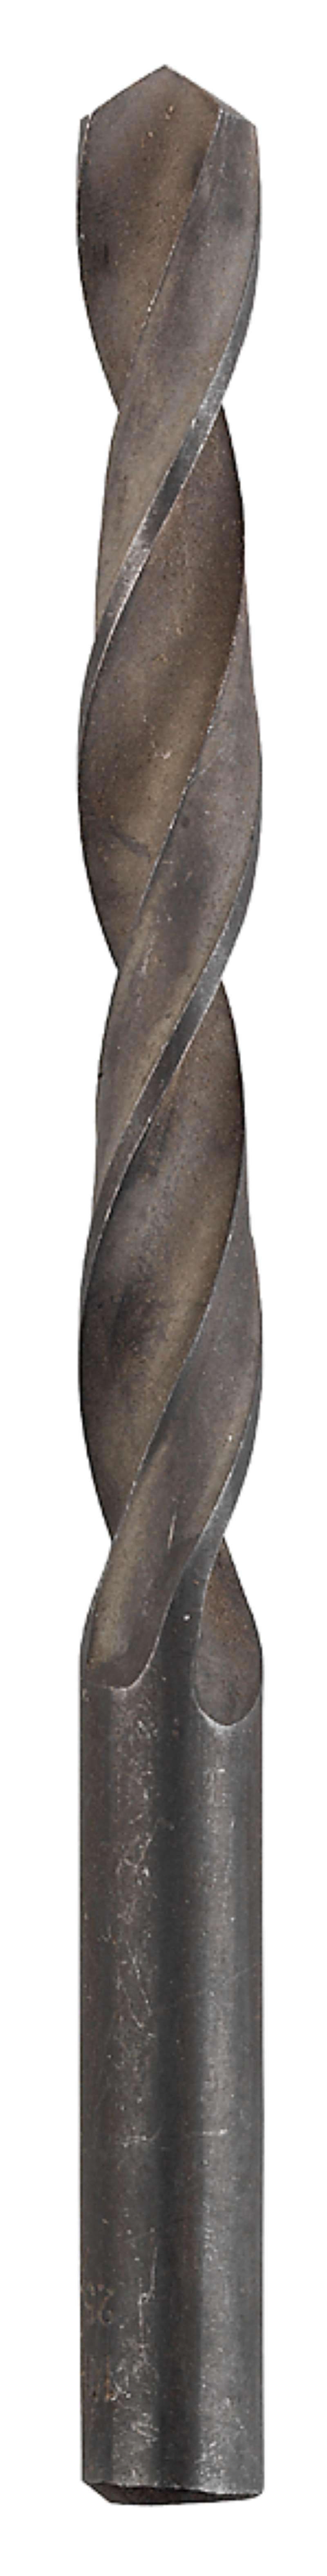 Сверло по металлу Kwb 209-668